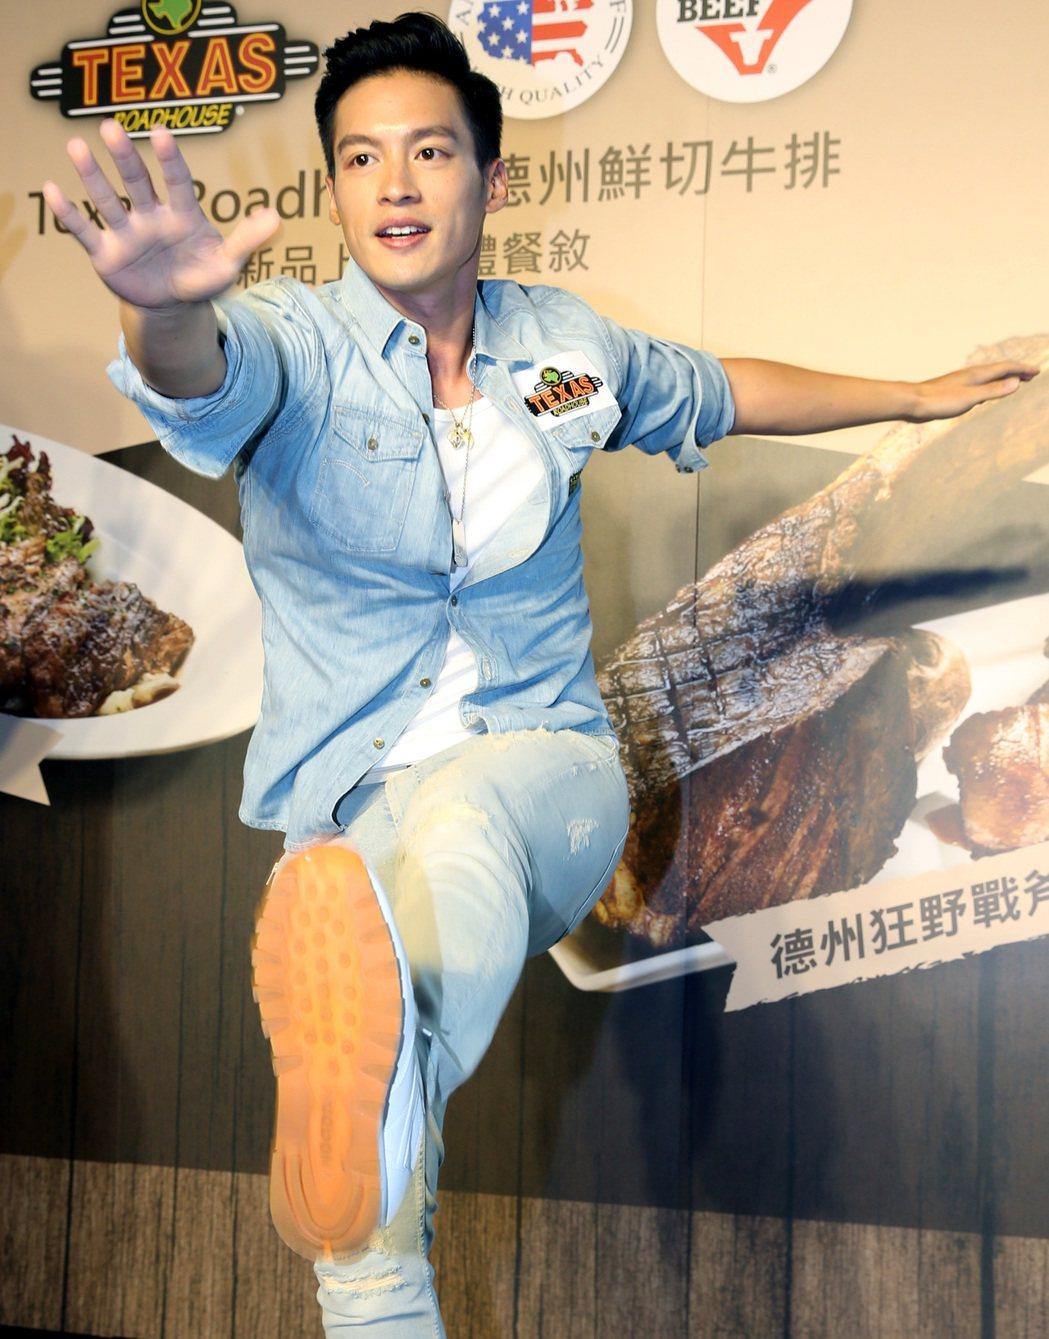 許孟哲出席牛排館響應世大運活動,大秀手藝及示範健身操。記者林俊良/攝影